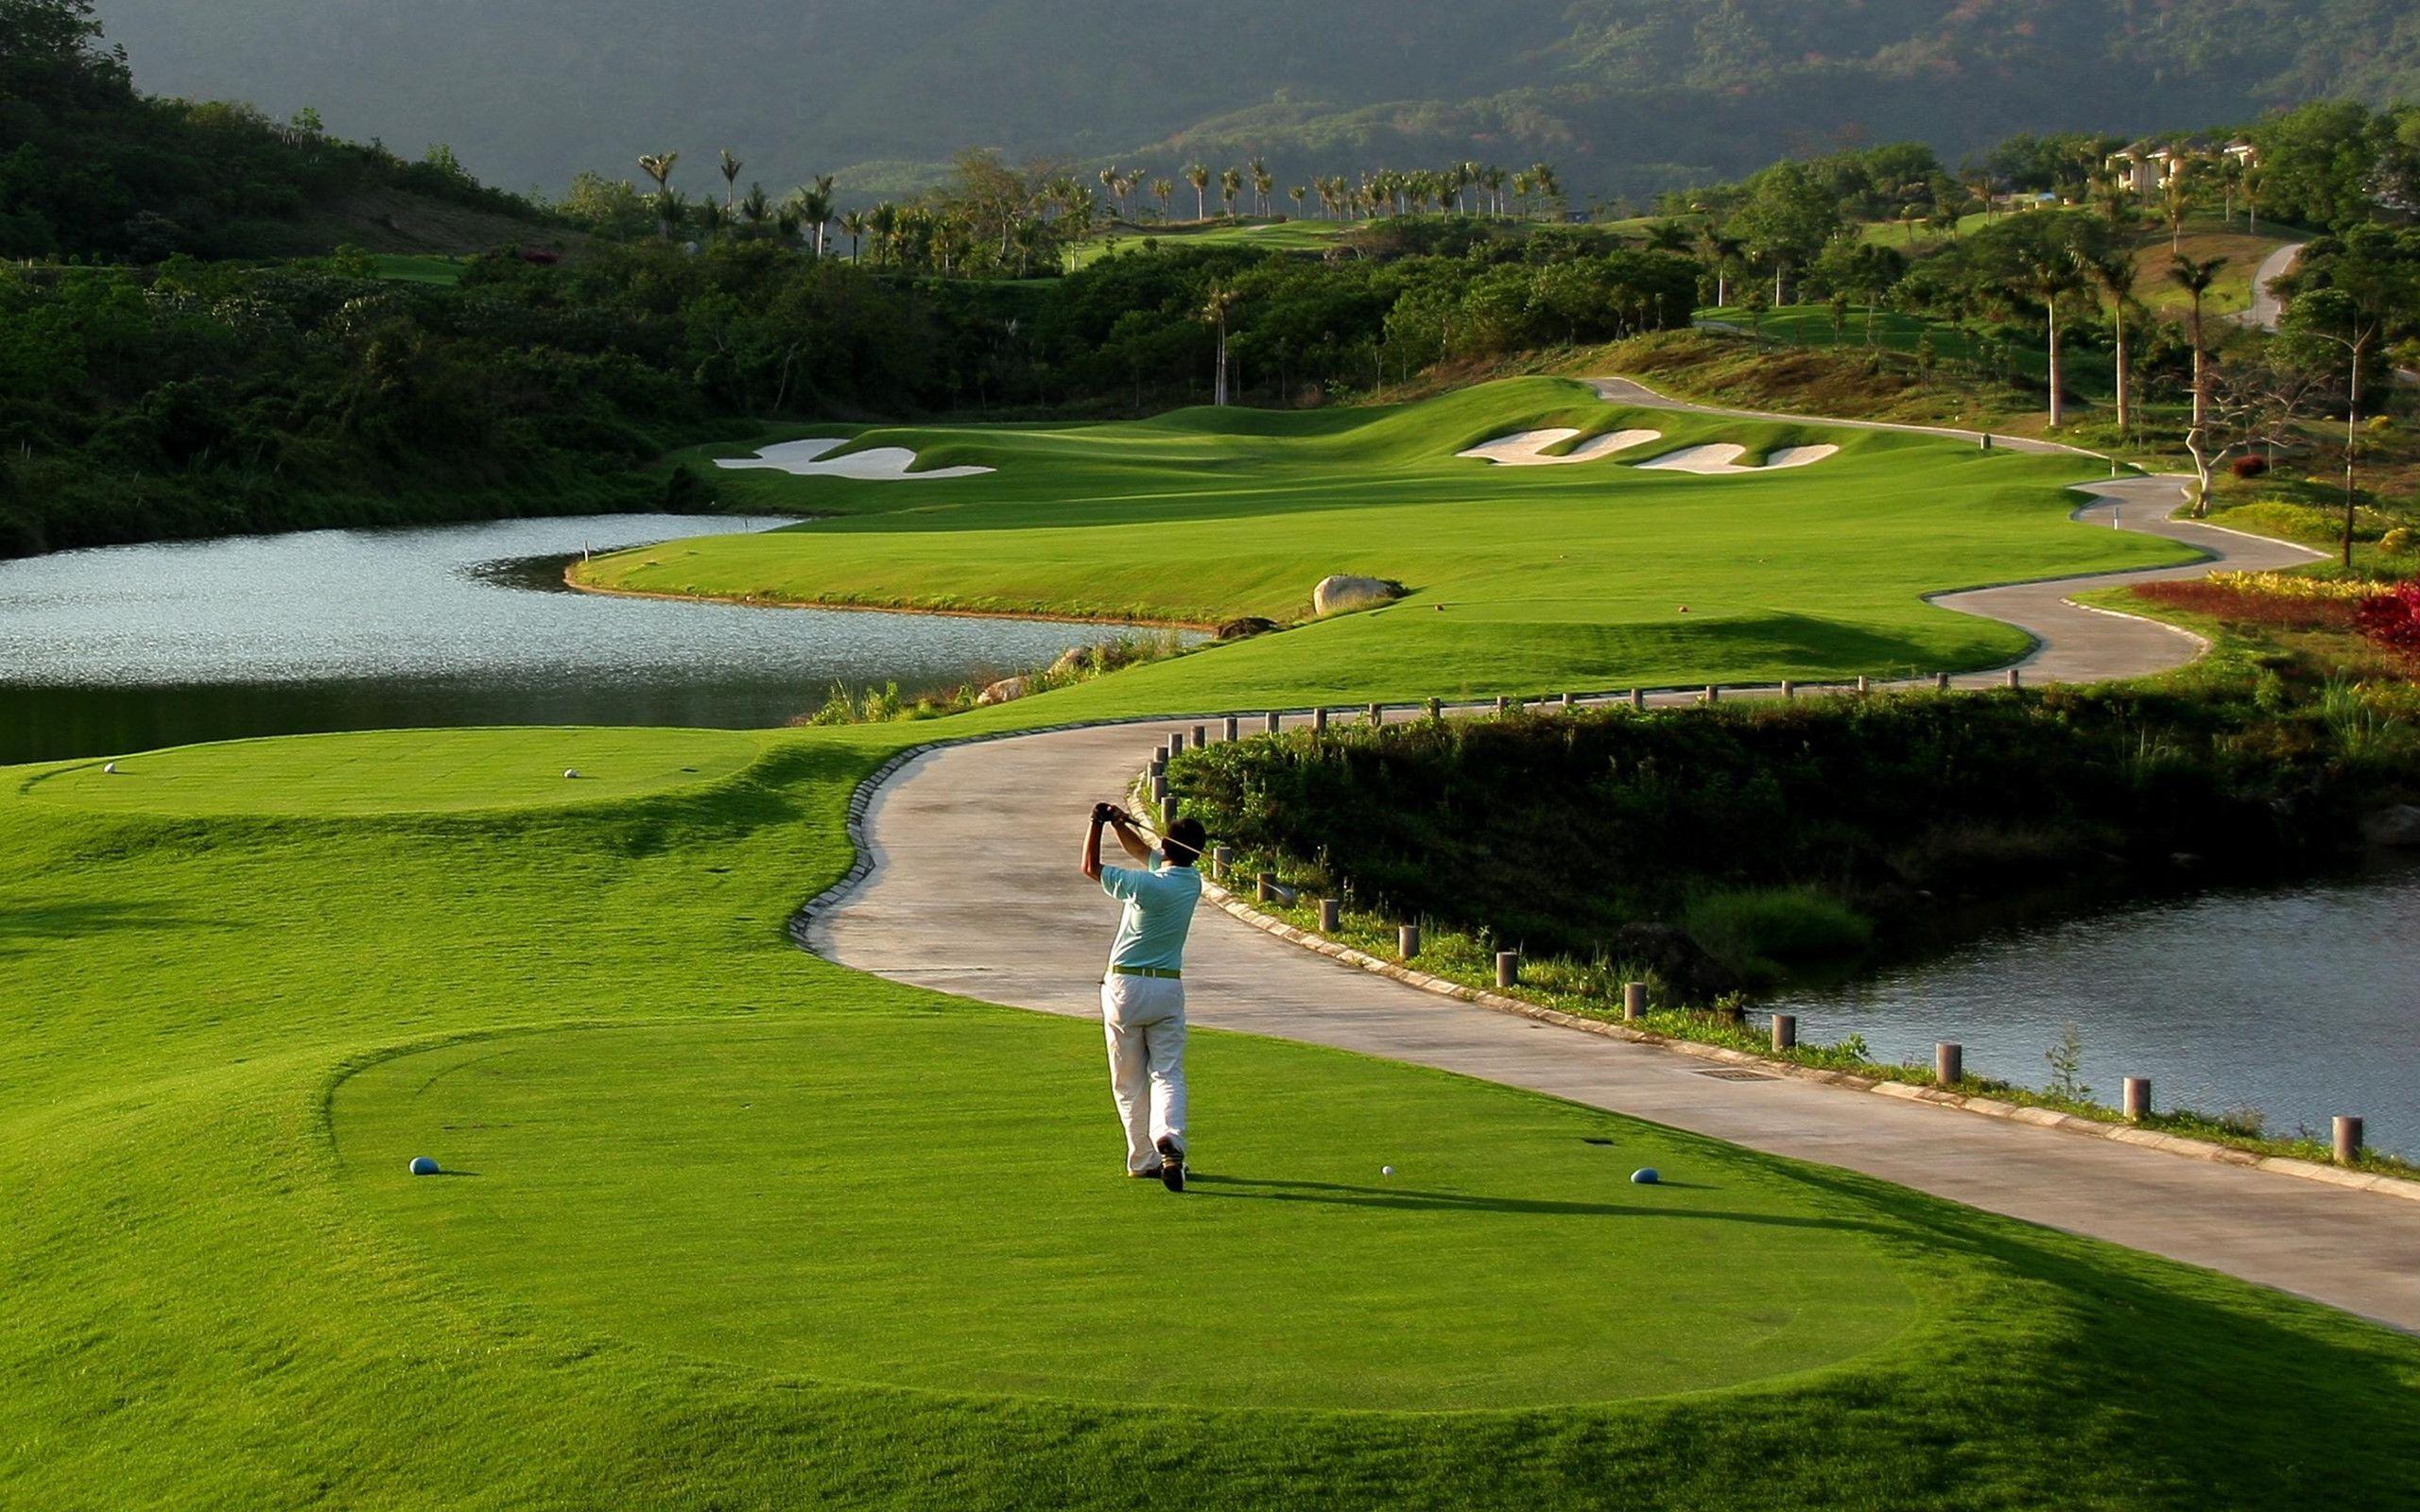 golfing desktop wallpapers top